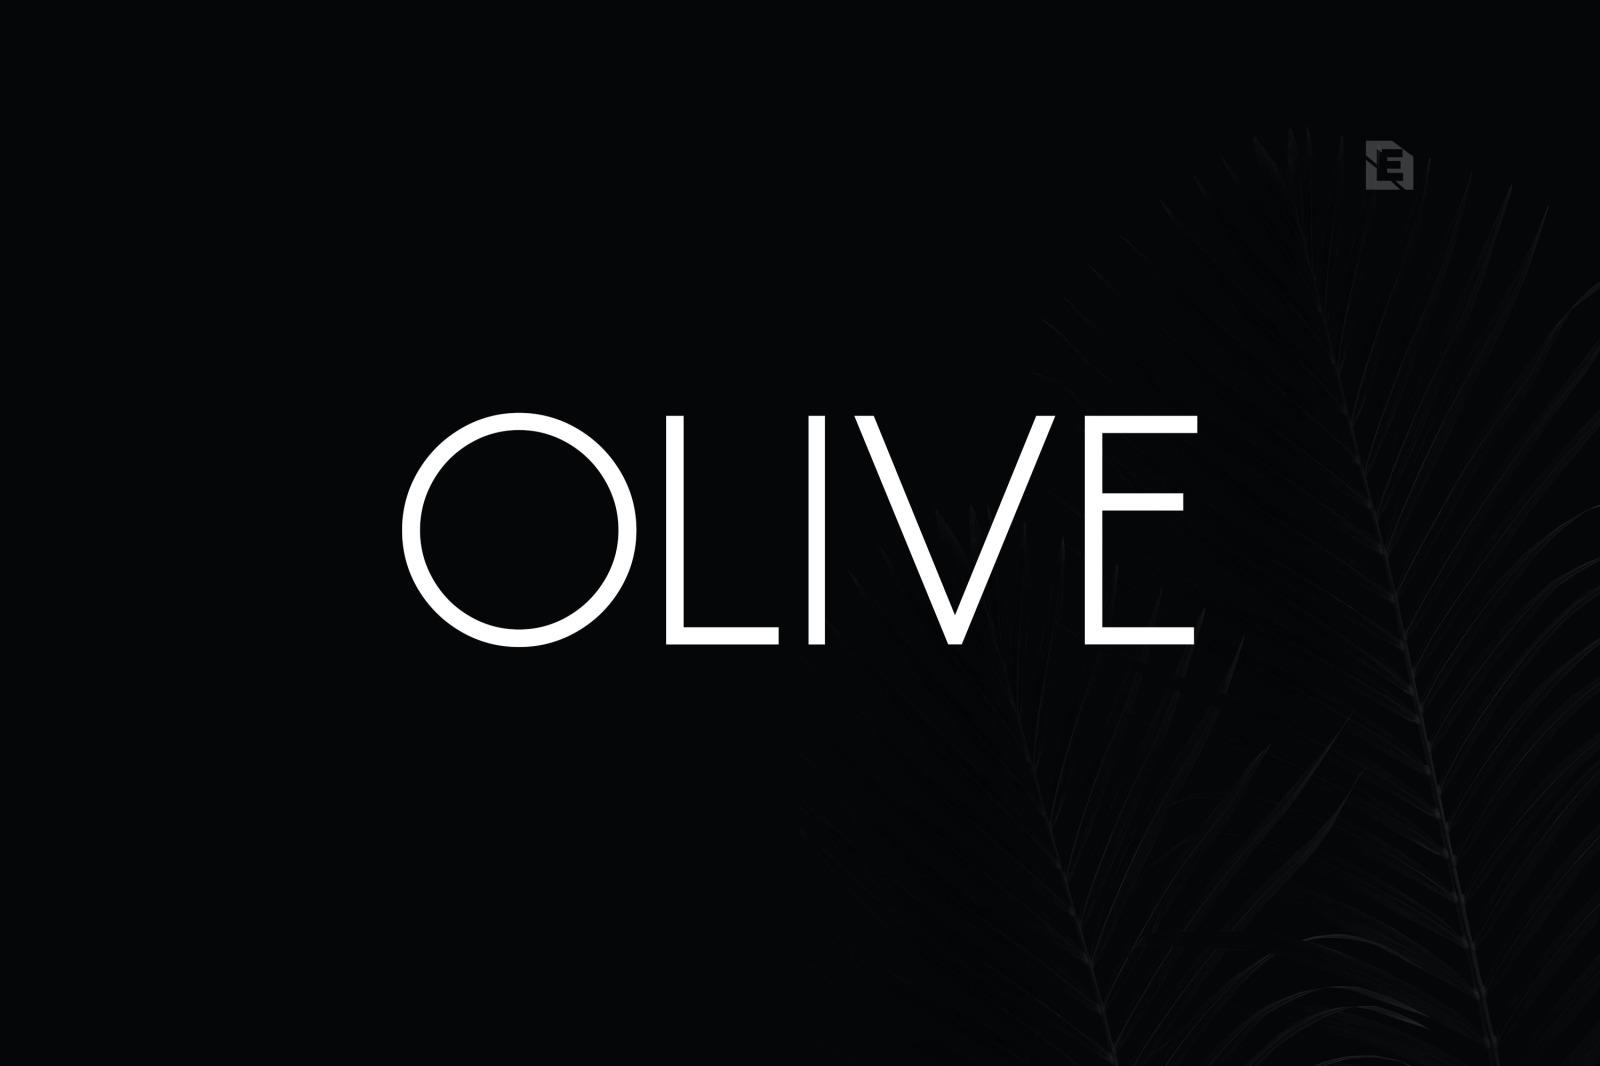 Olive Font